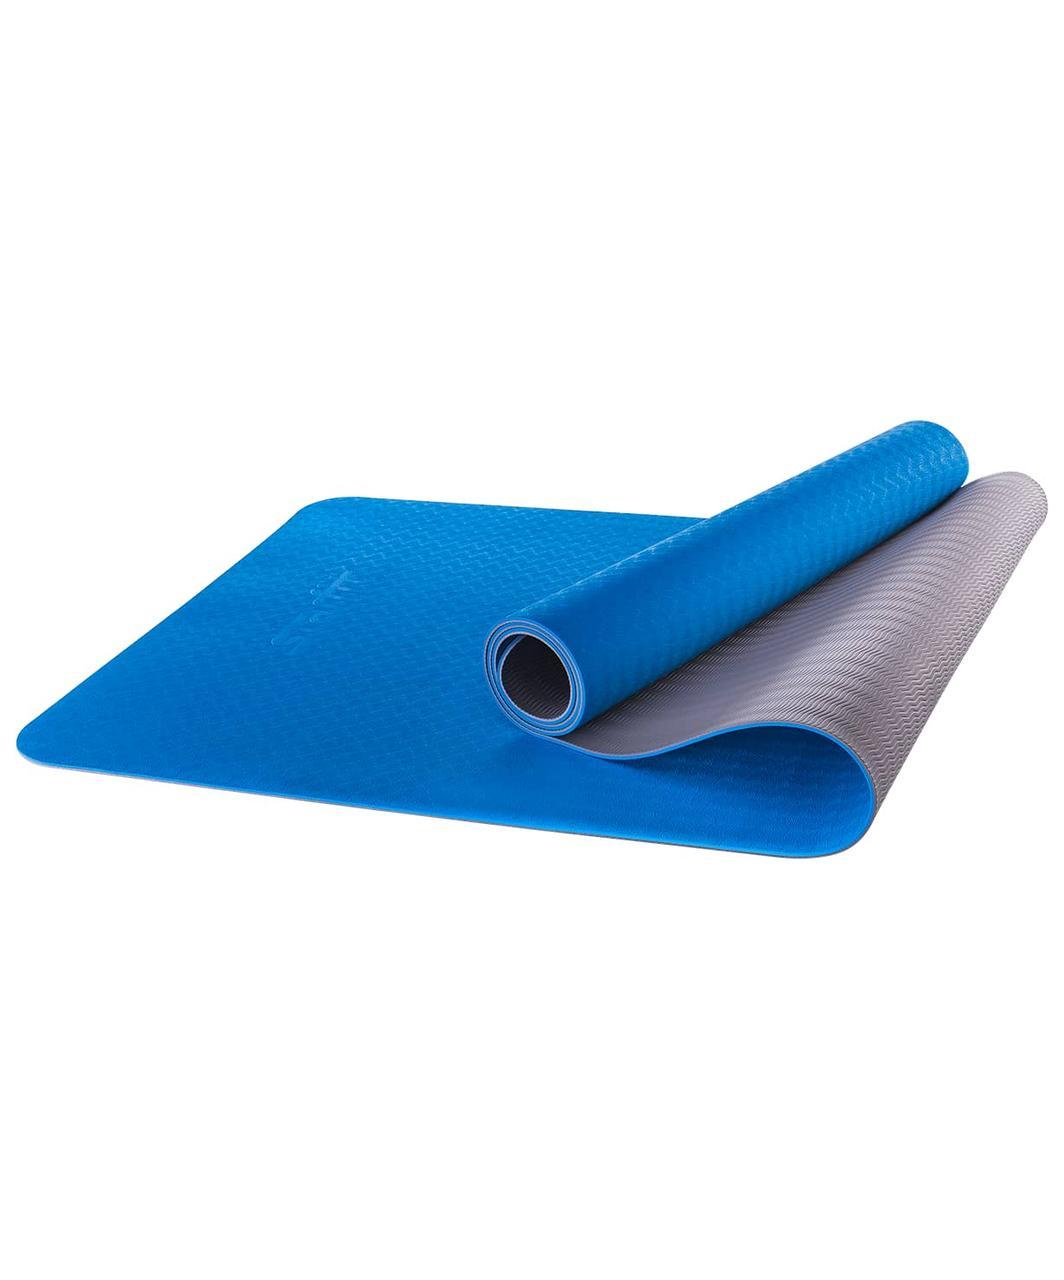 Коврик для йоги FM-201, TPE, 173x61x0,4 см, синий/серый Starfit